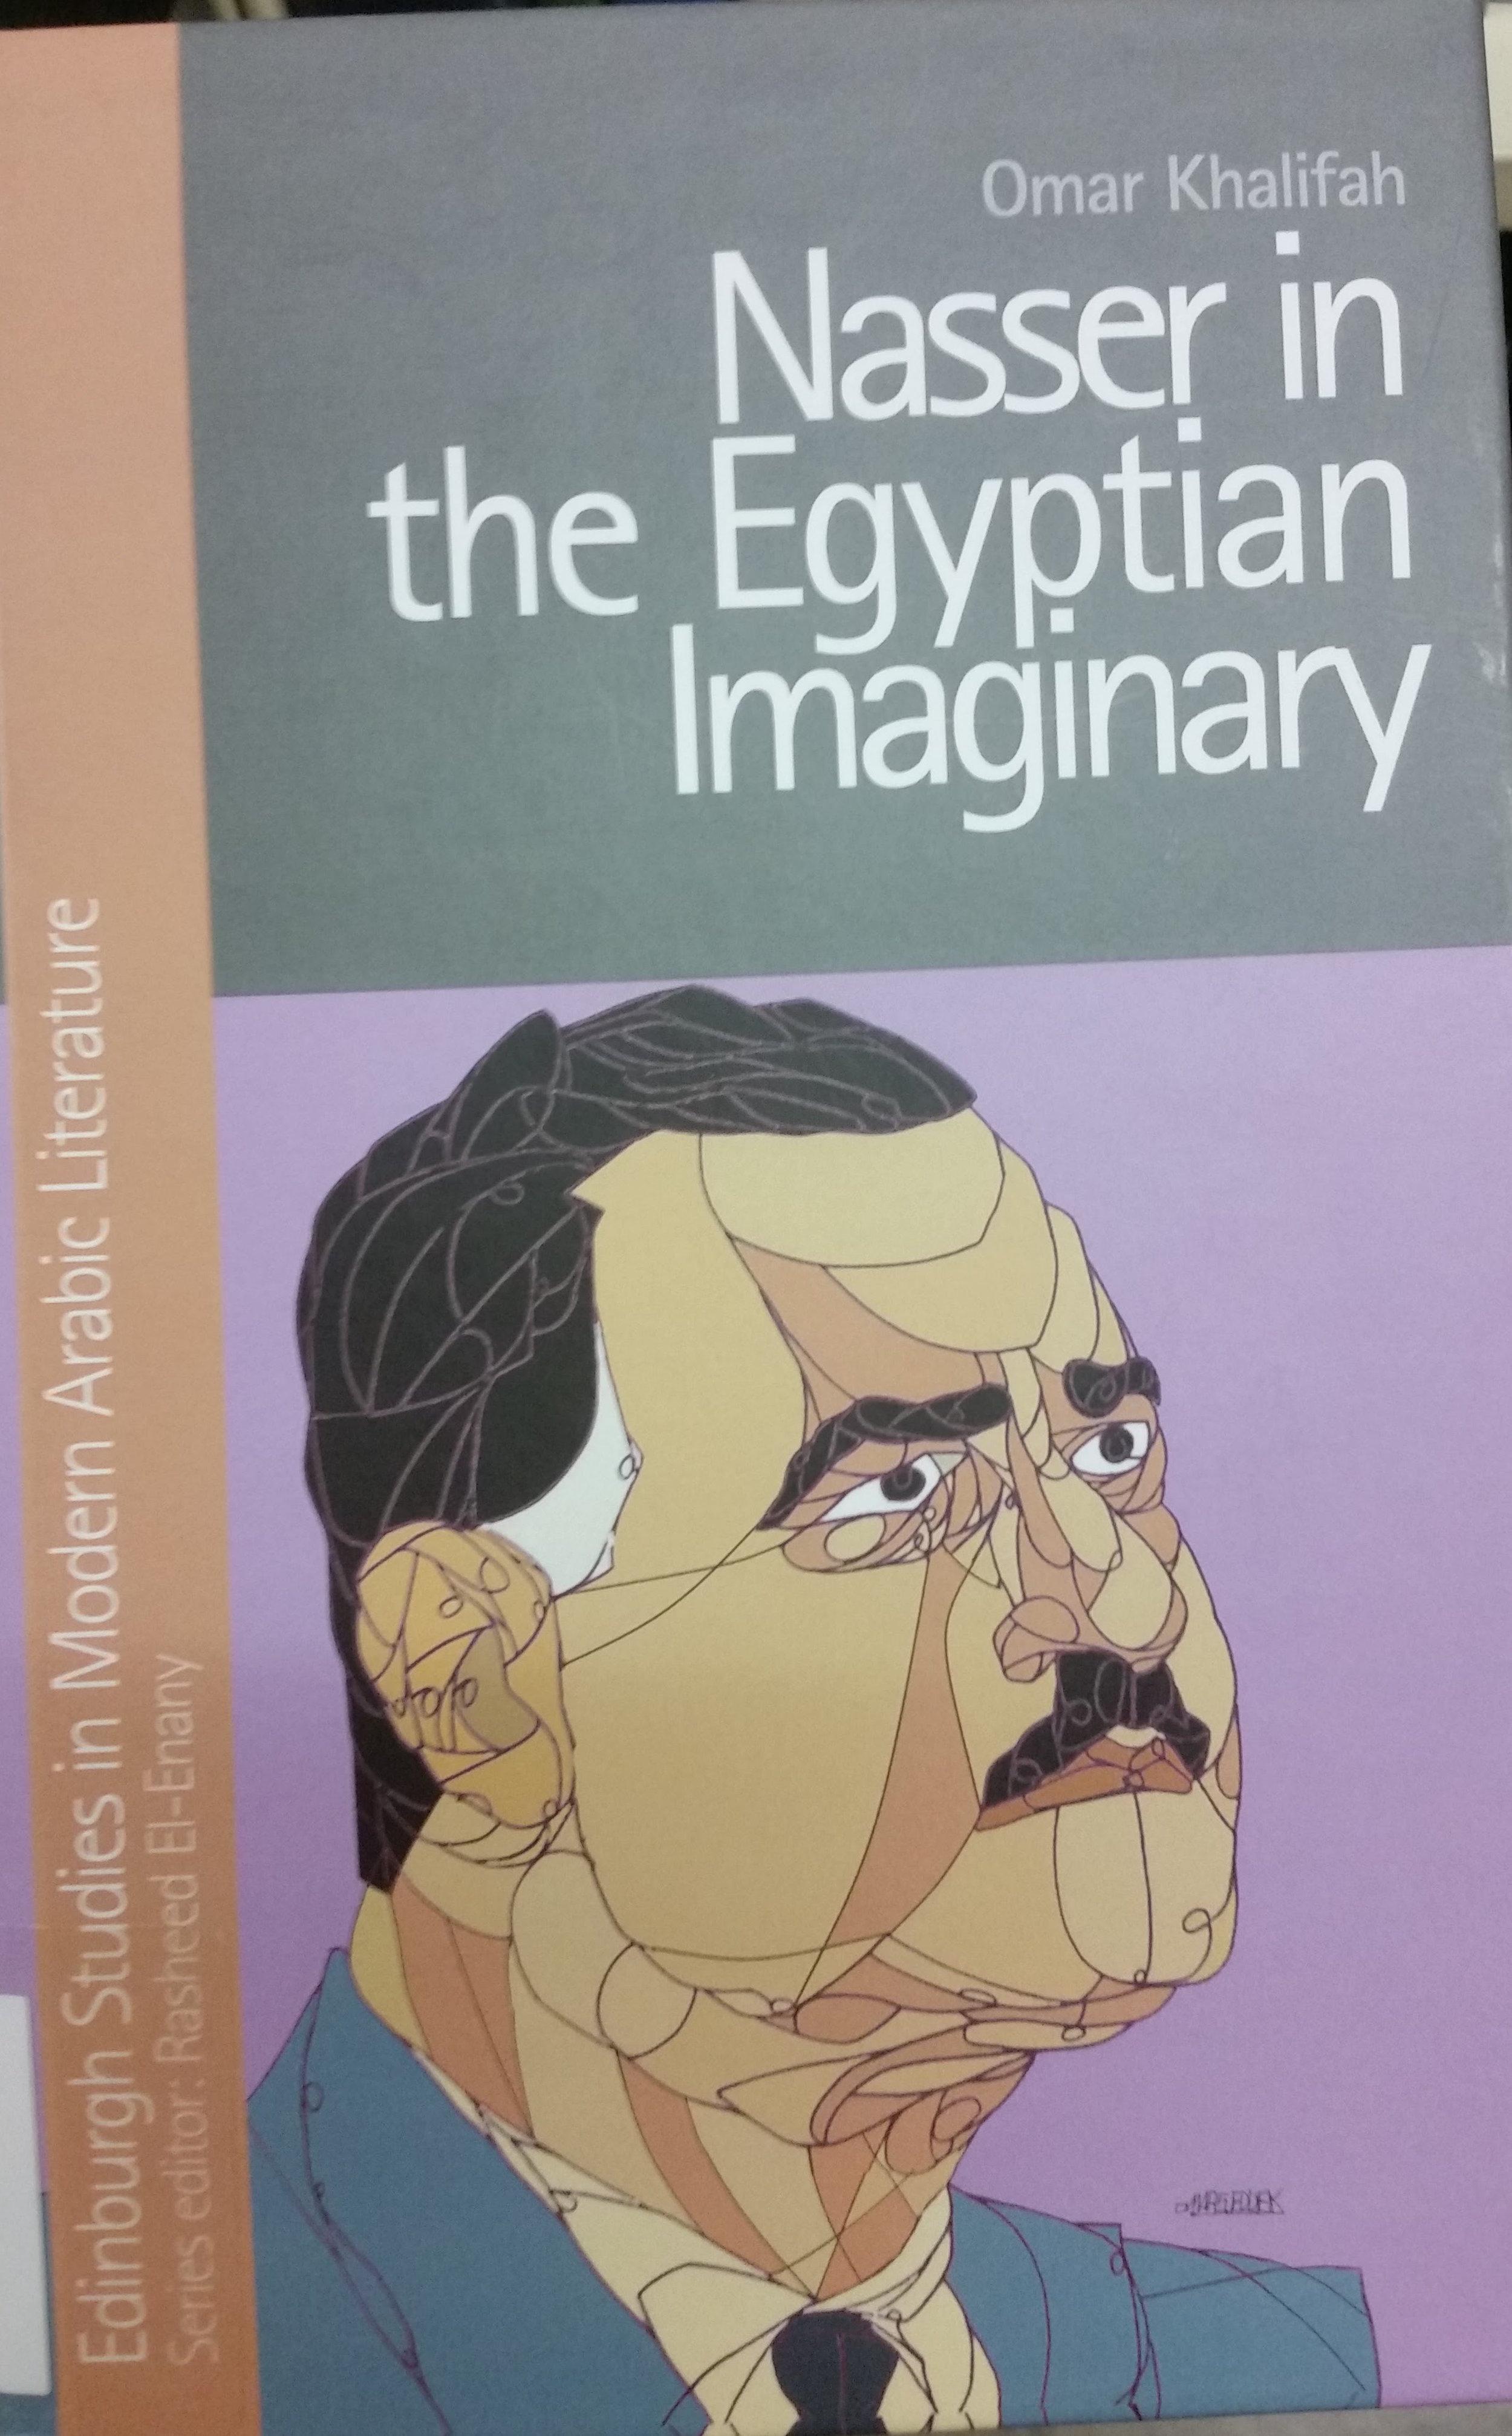 Omar Khalifah,Edinburgh : Edinburgh University Press, 2017.